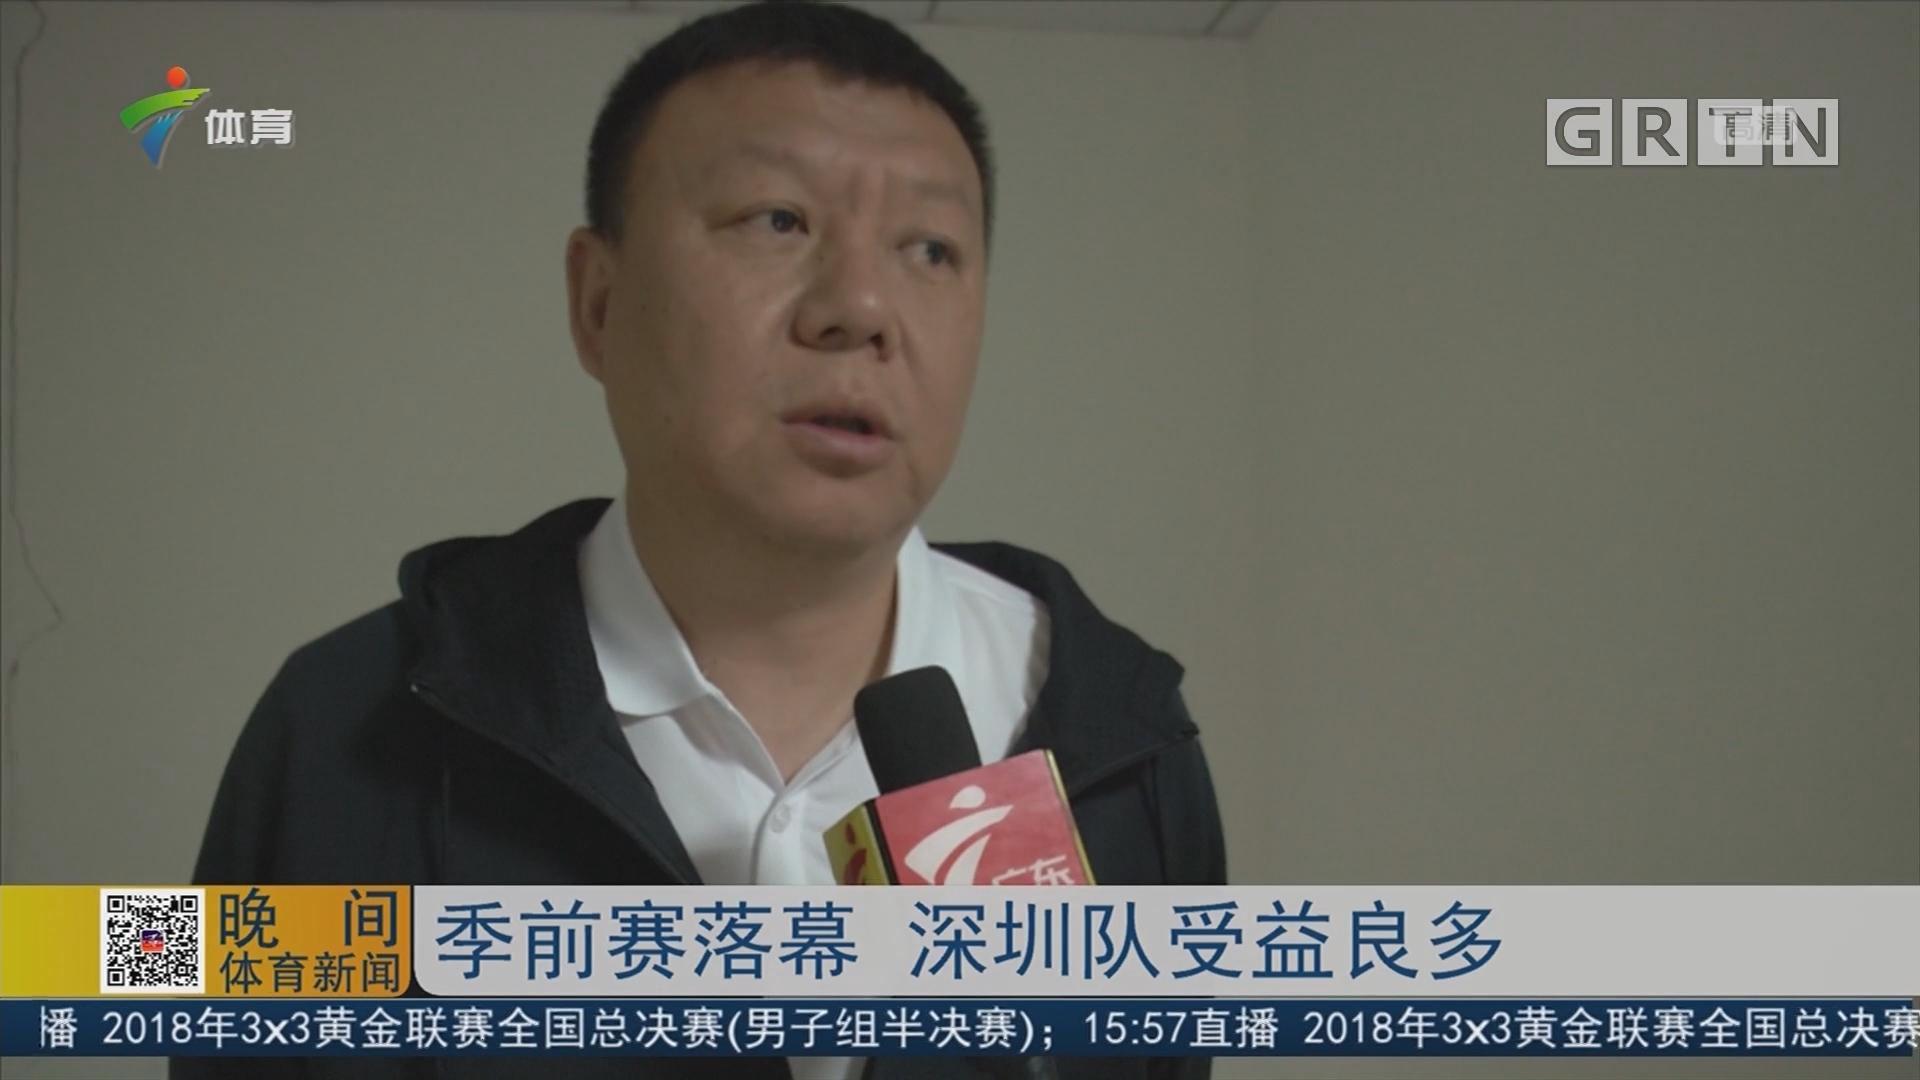 季前賽落幕 深圳隊受益良多